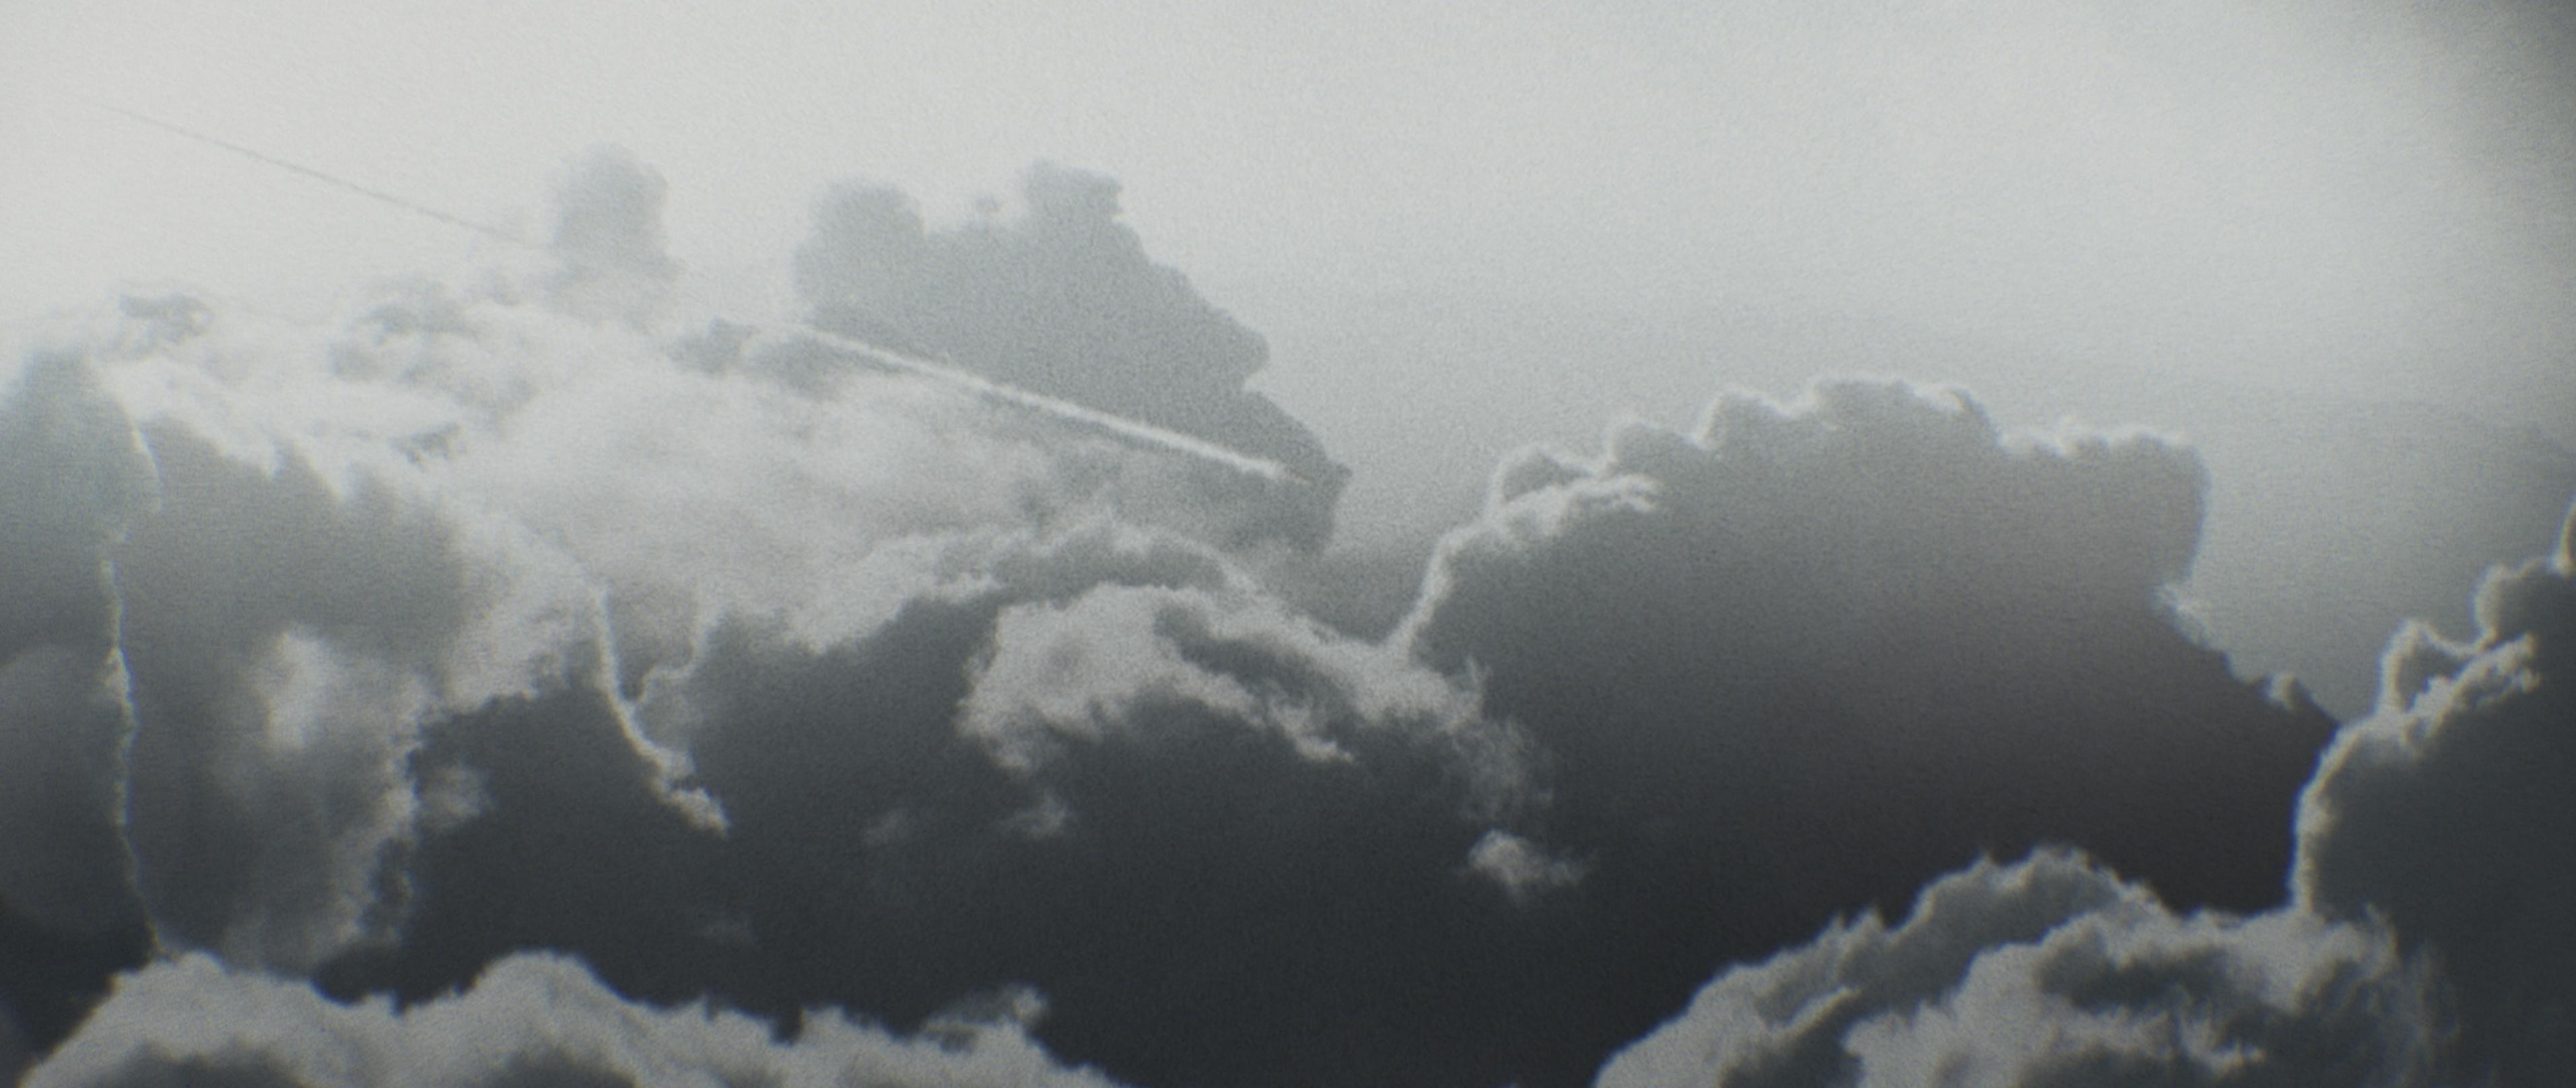 Screen Shot 2020-05-21 at 5.35.15 PM